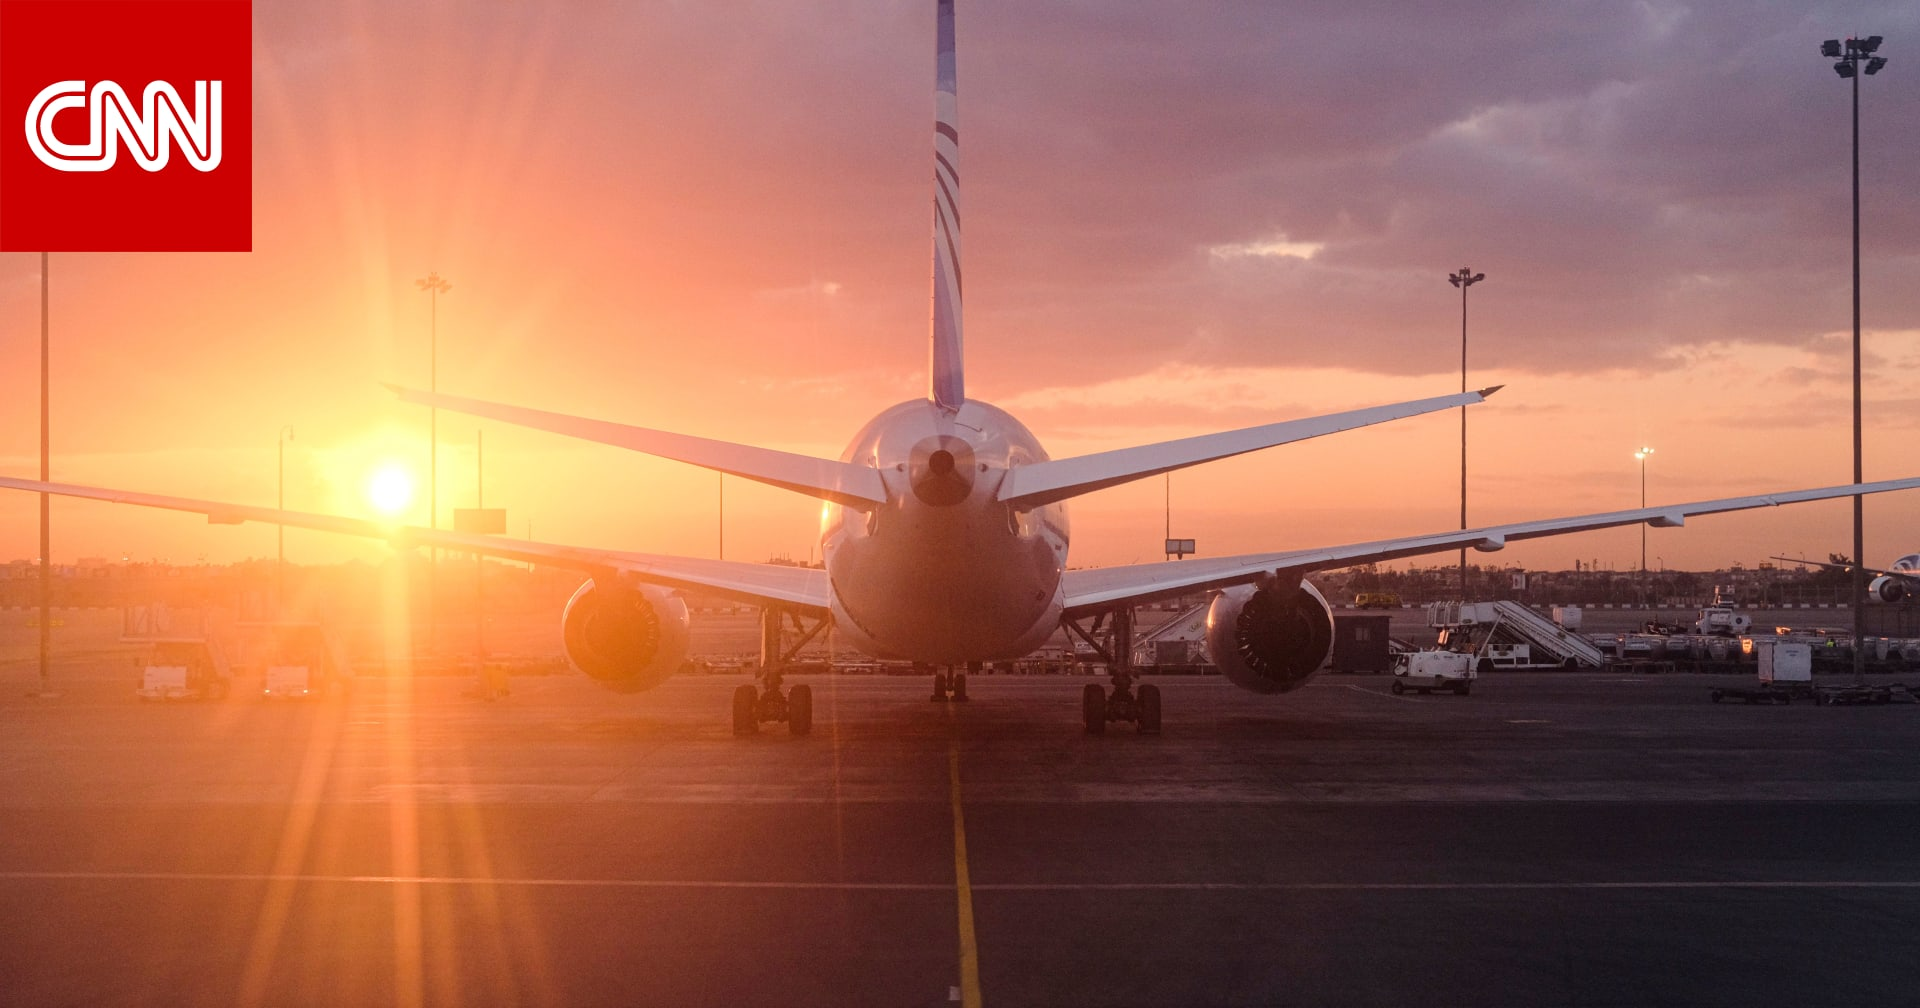 بعد بدء انتعاش السفر.. هذه كانت المسارات الجوية الأكثر ازدحاماً بين الدول العربية في مايو